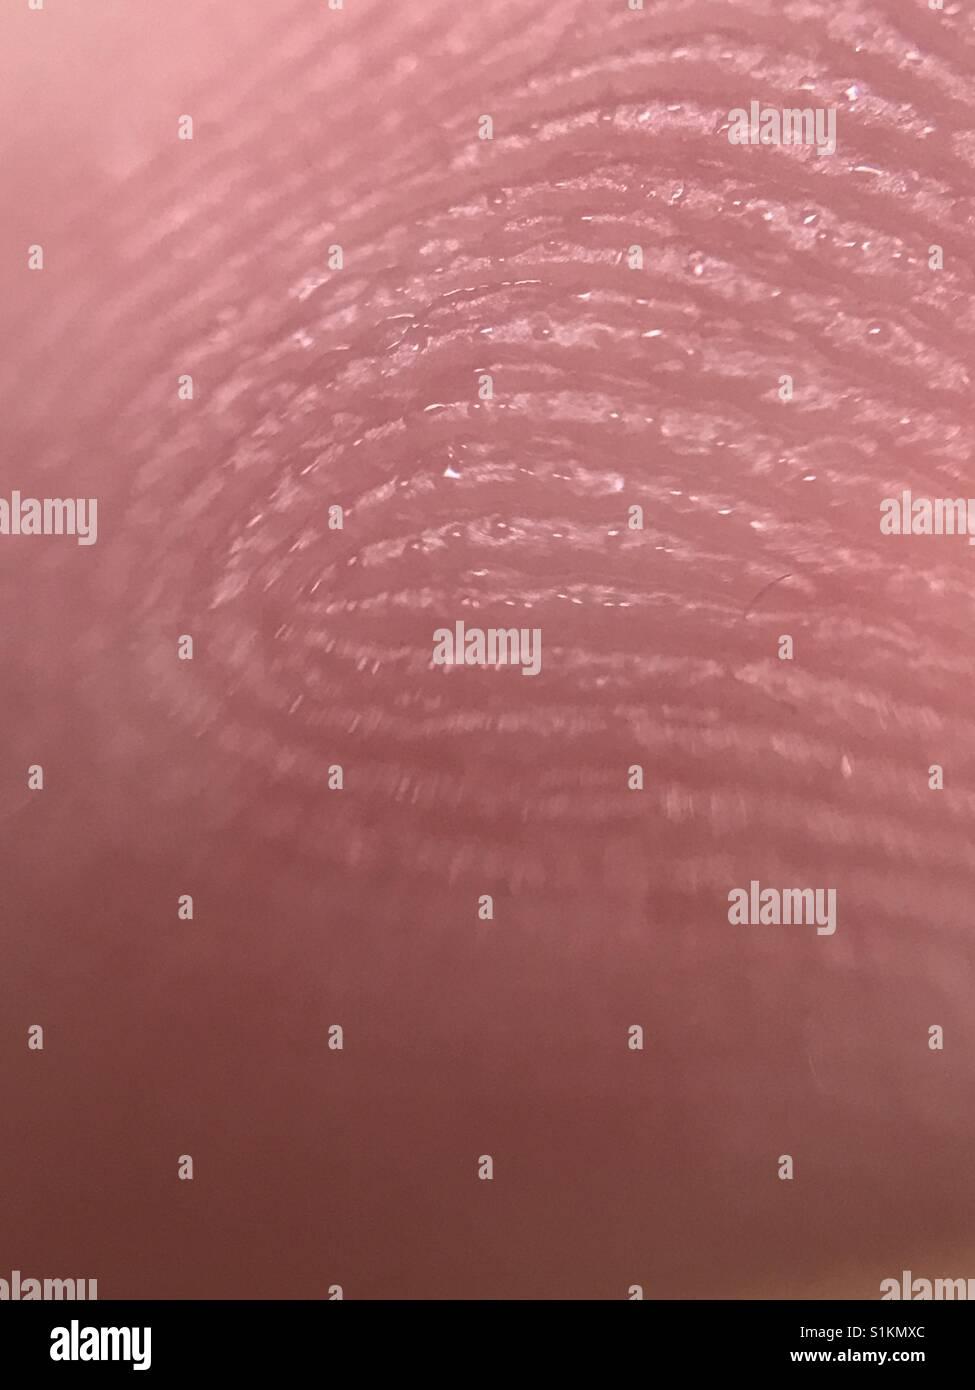 Fingerprint - Stock Image